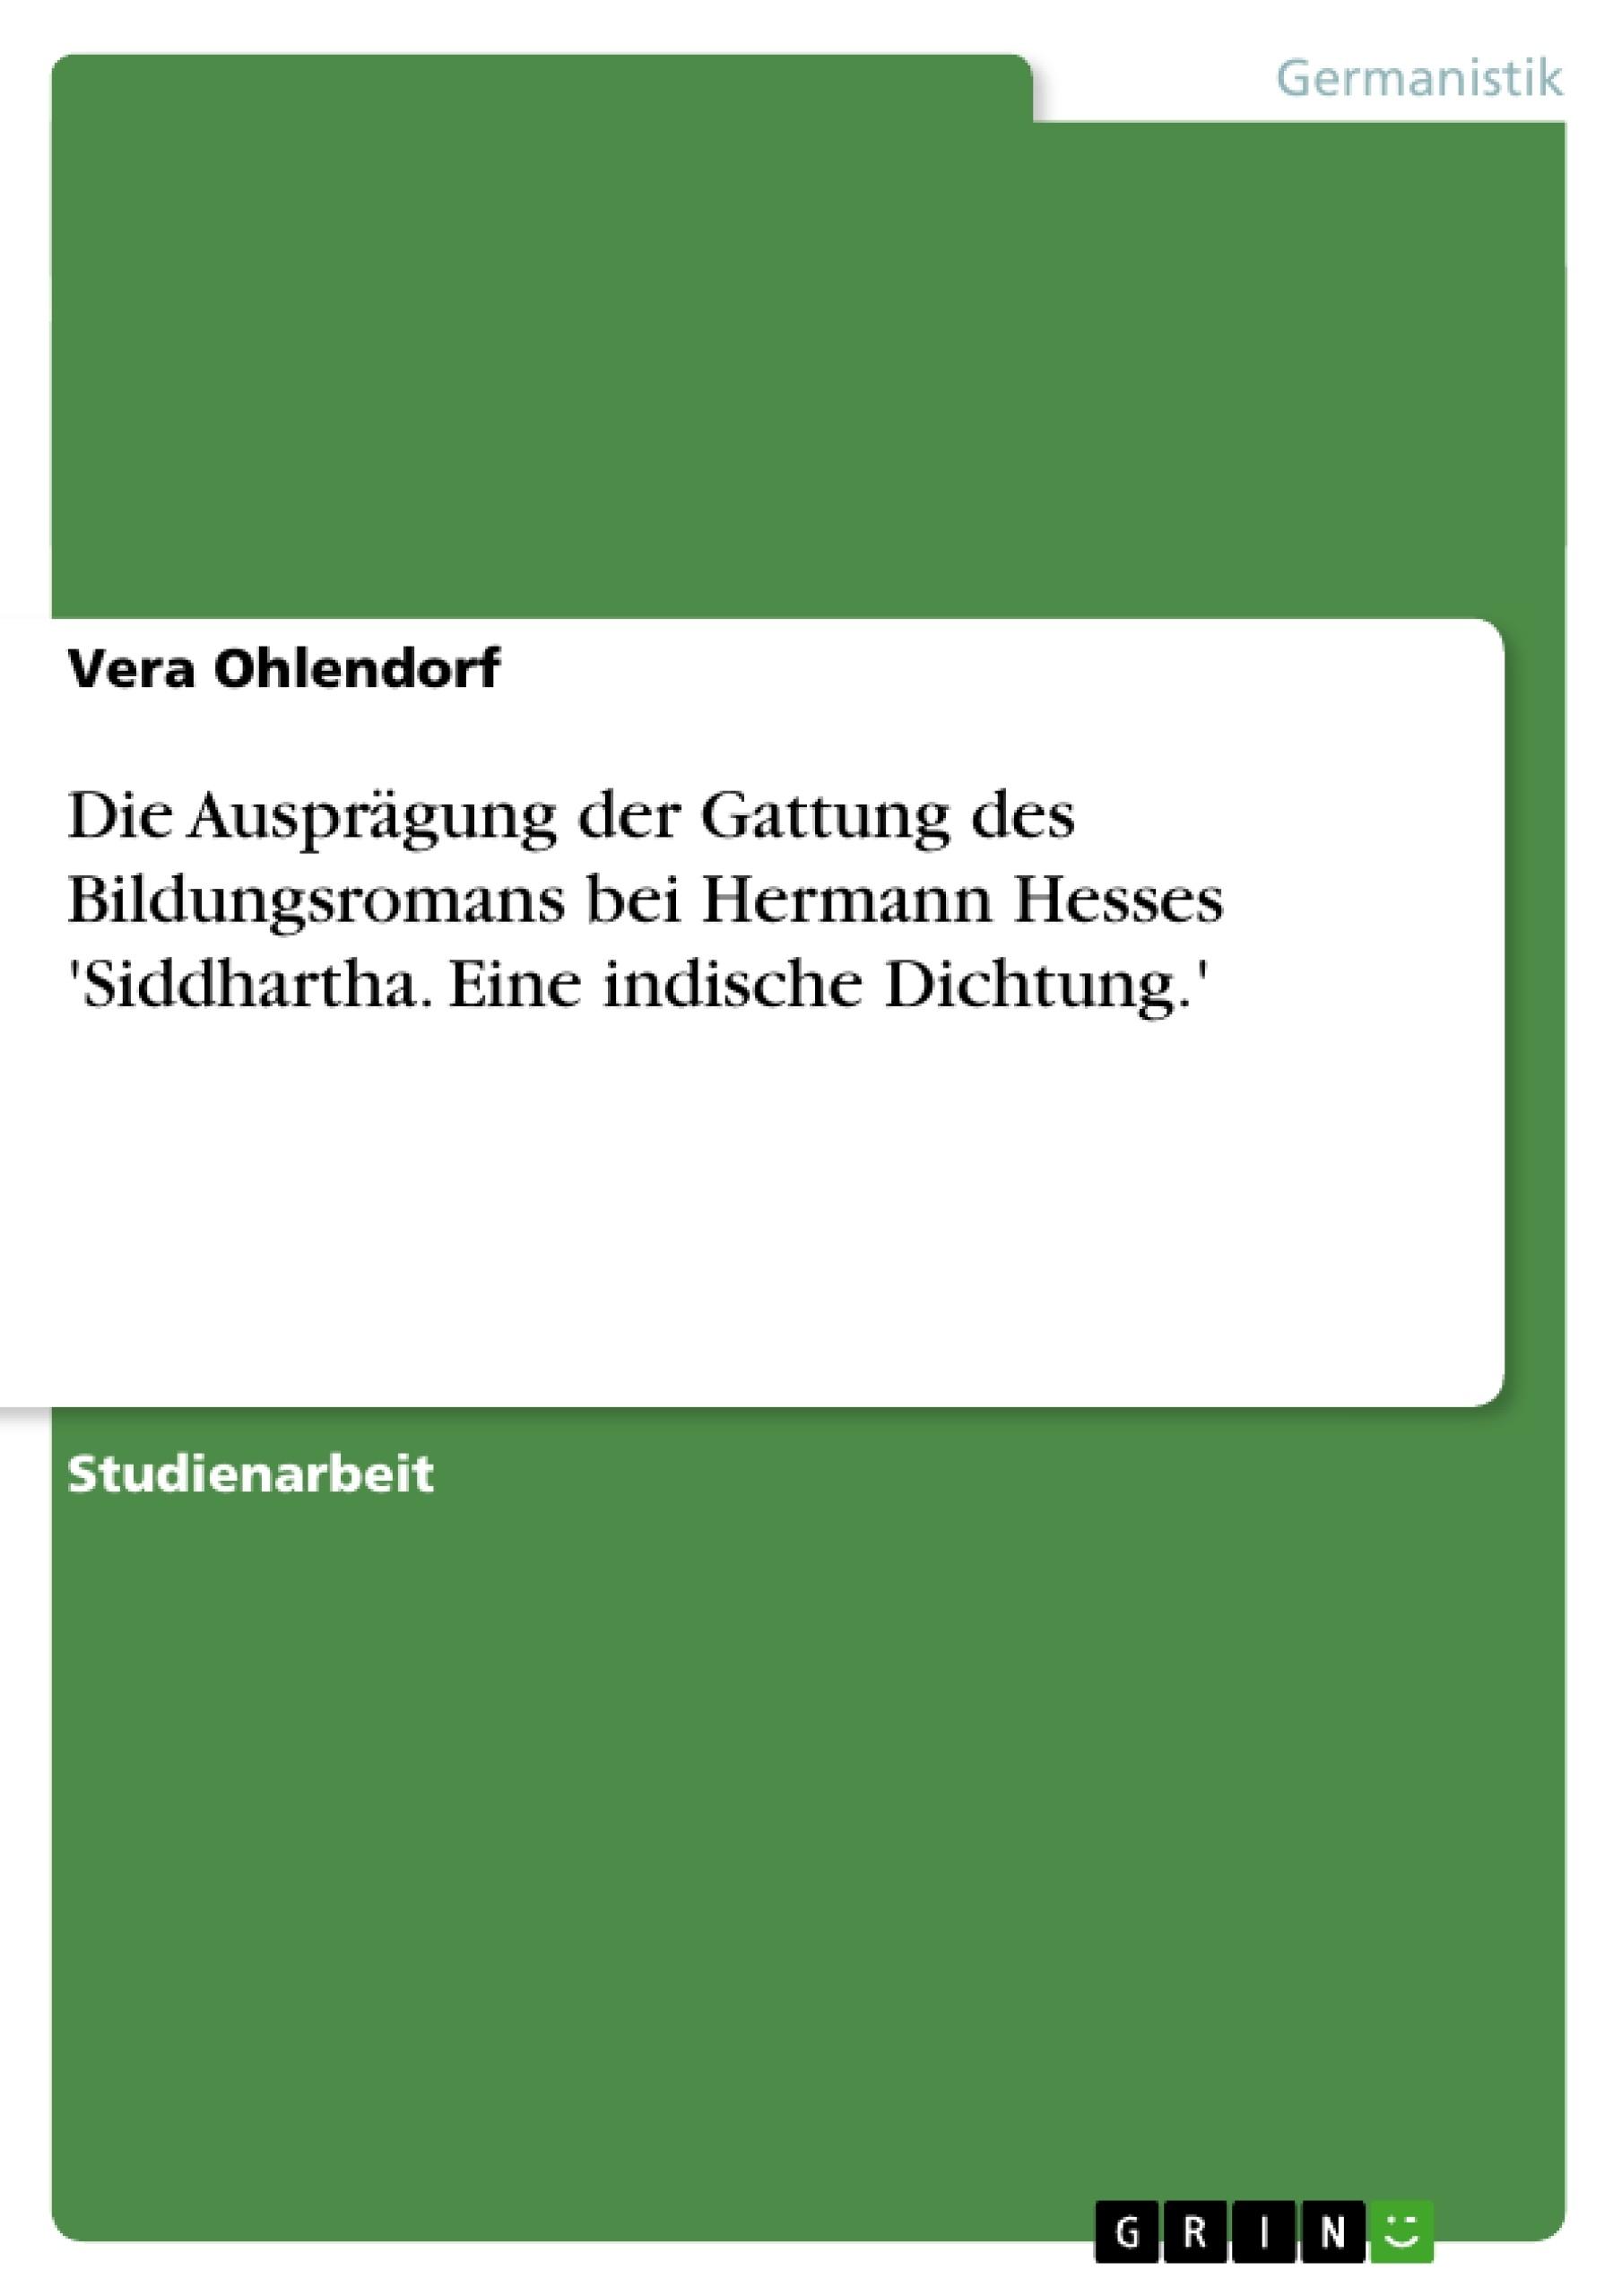 Titel: Die Ausprägung der Gattung des Bildungsromans bei Hermann Hesses 'Siddhartha. Eine indische Dichtung.'